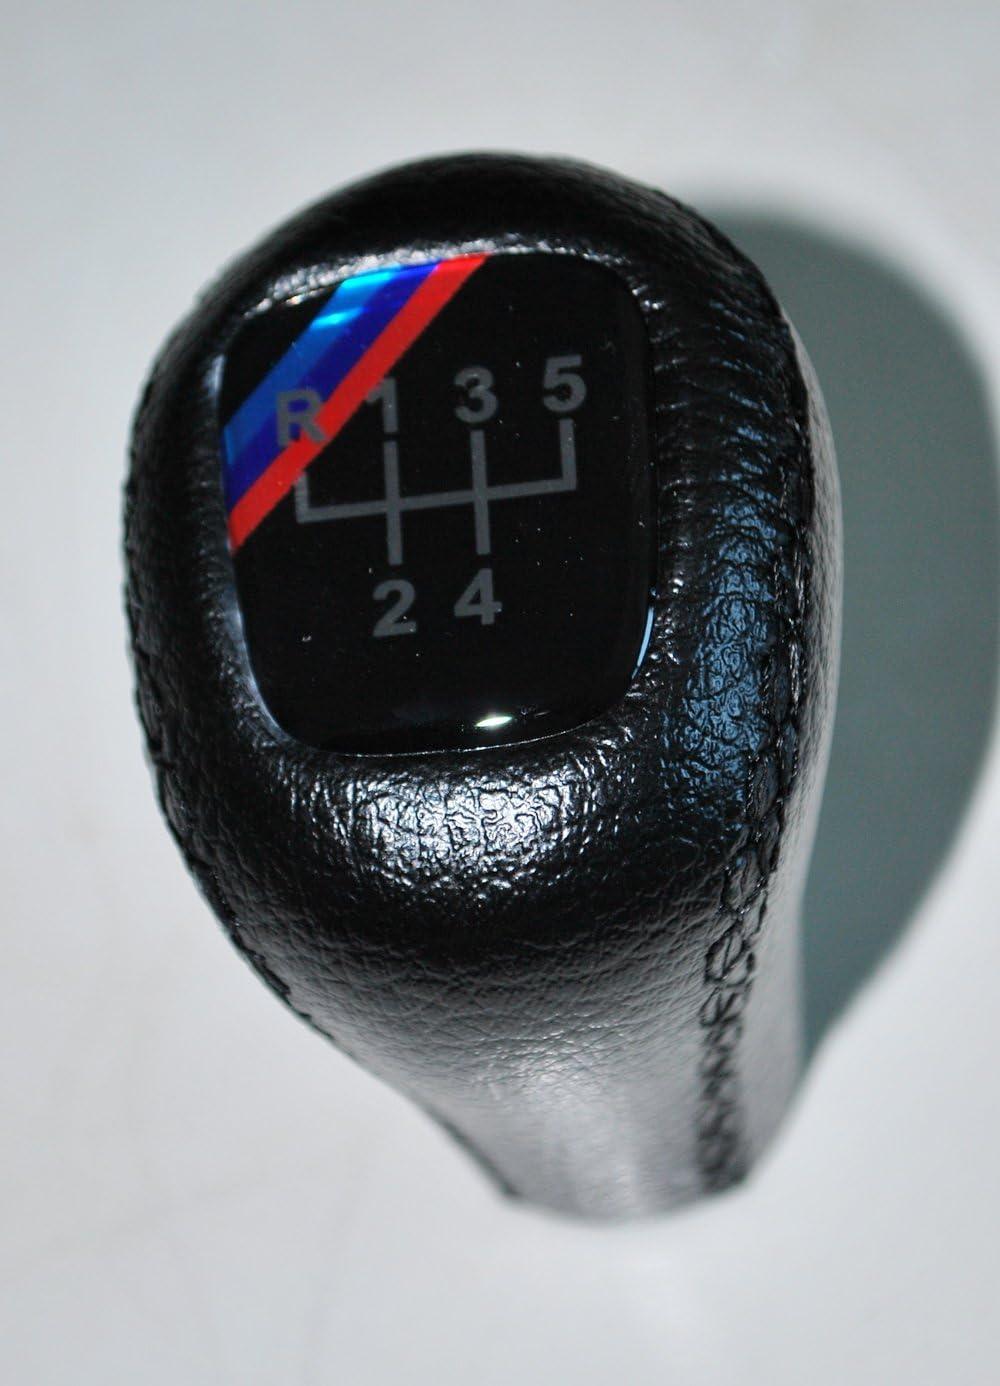 Schaltknauf Bmw M E30 E34 E36 E39 E46 Schwarzes Leder Bmw E30 E34 E36 M Gear Shift Knob E39 E46 Black Leather Schalthebel Schaltknäufe Auto